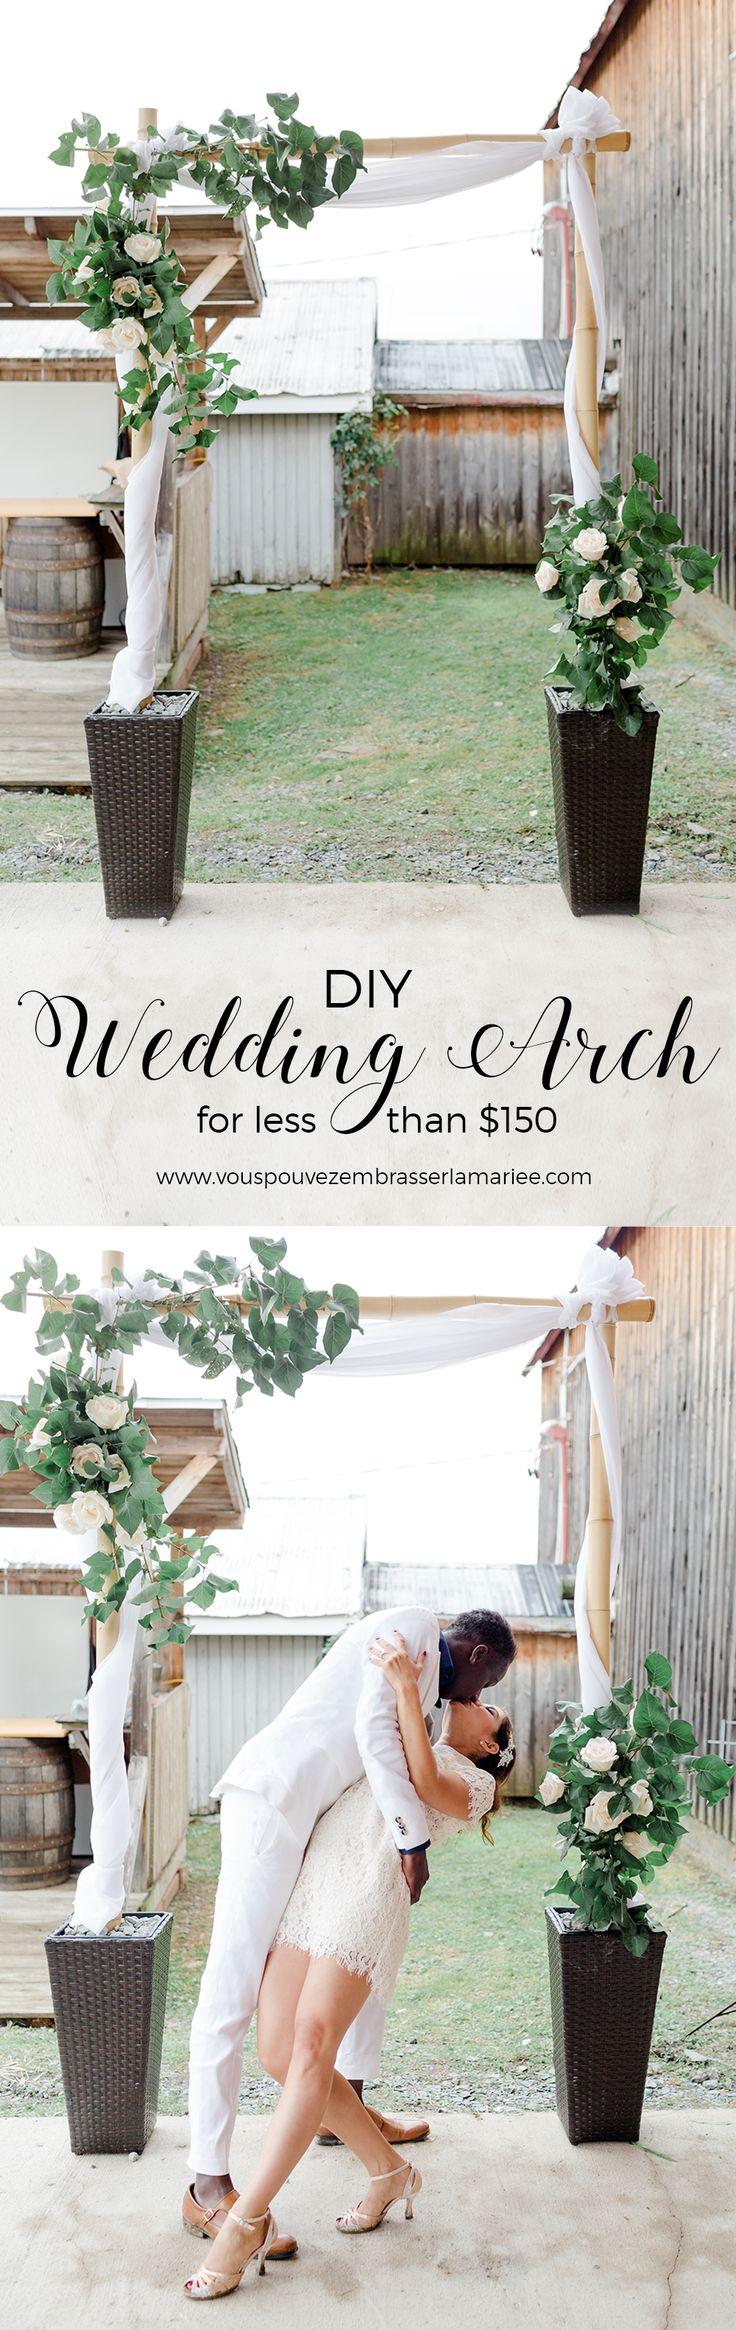 DIY Wedding Arch for less than 150 Backyard wedding